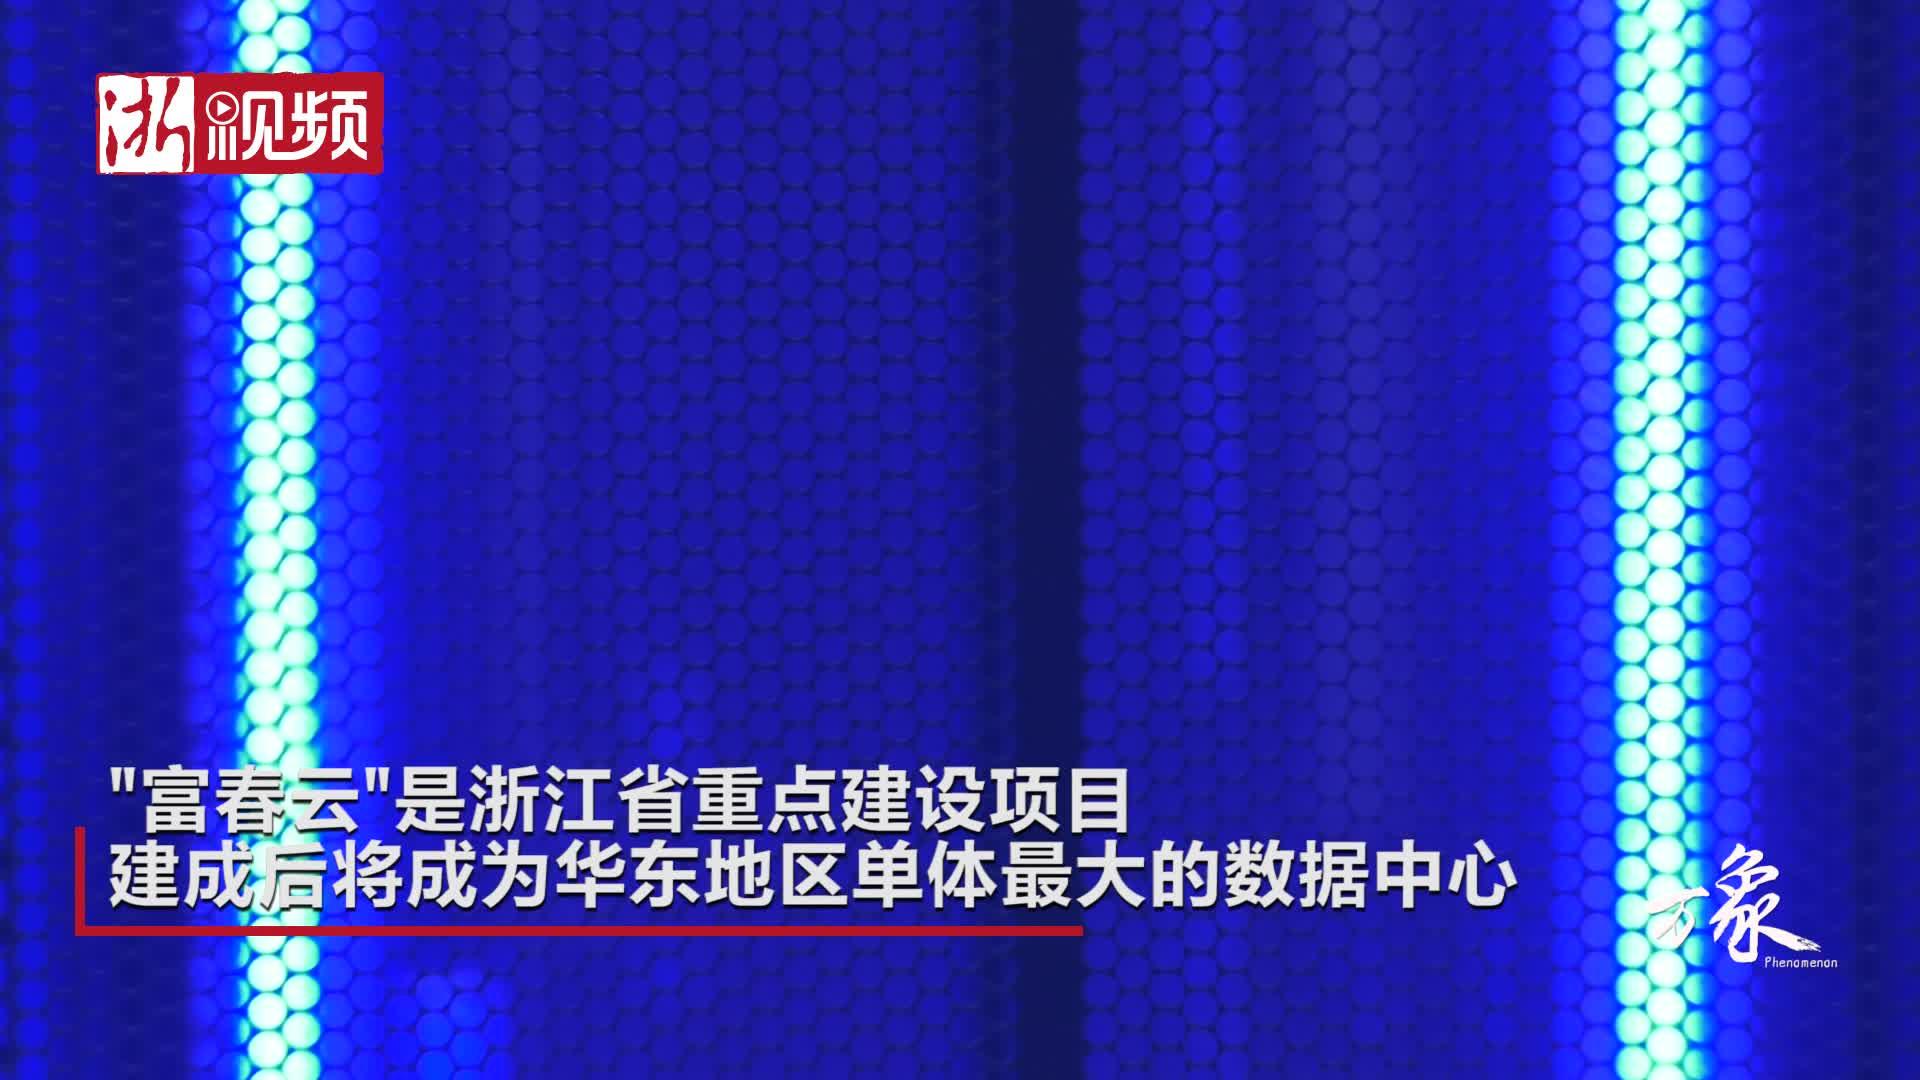 浙报富春云互联网数据中心盛大开园